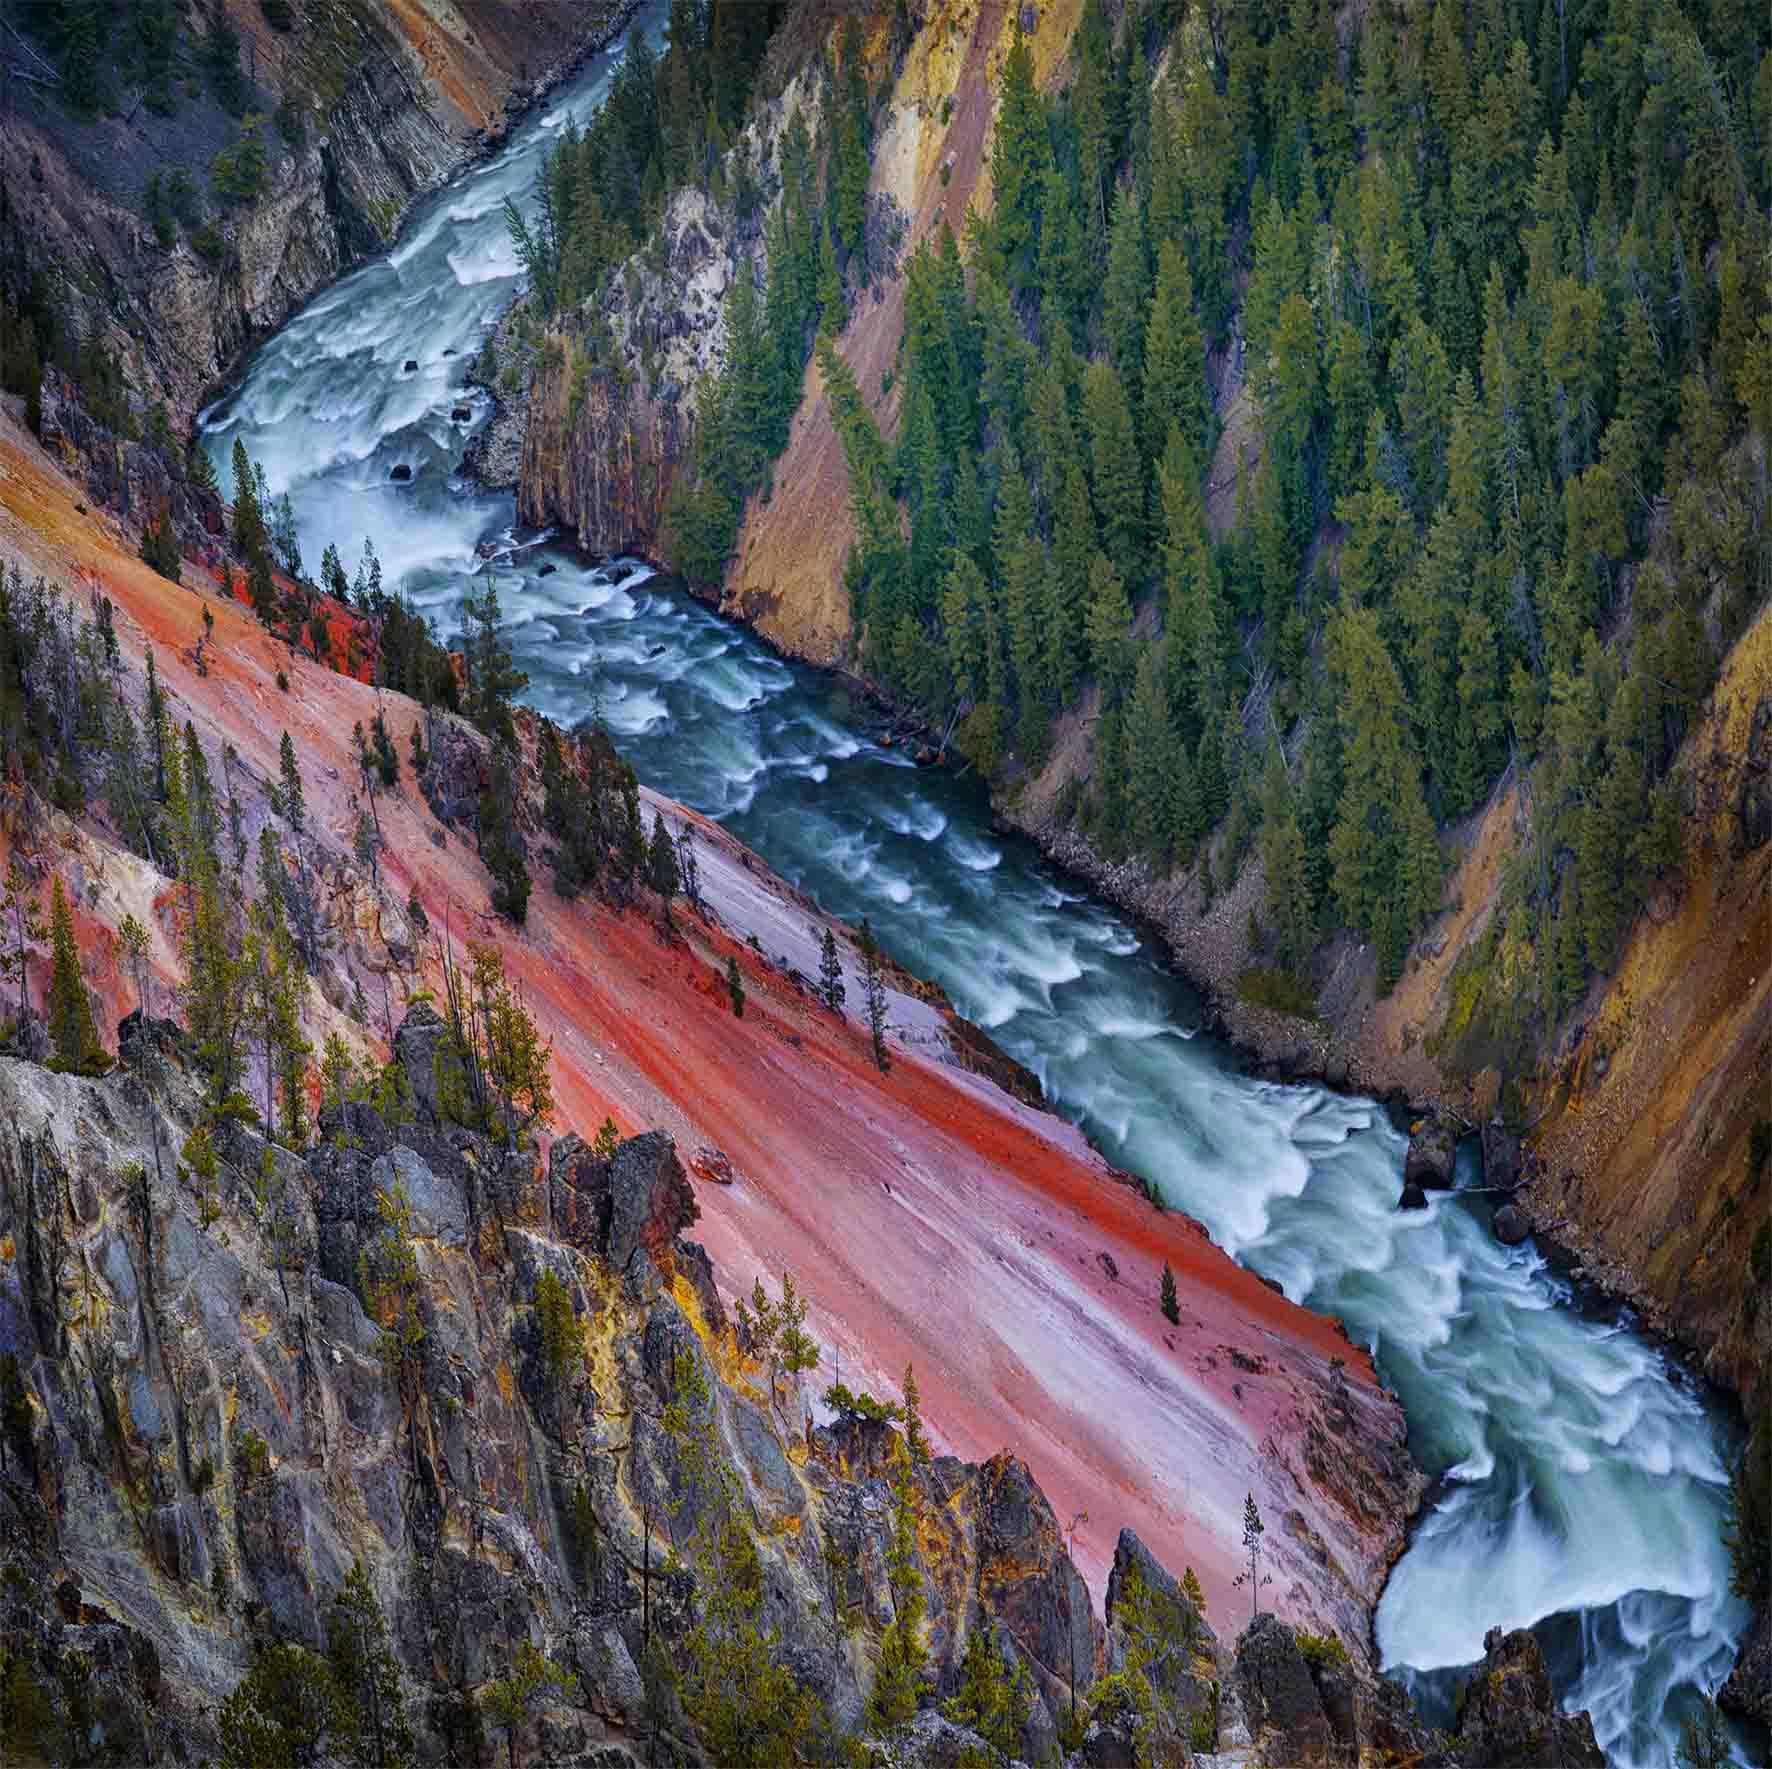 Yellowstone River, Wyoming by Ignacio Palacios